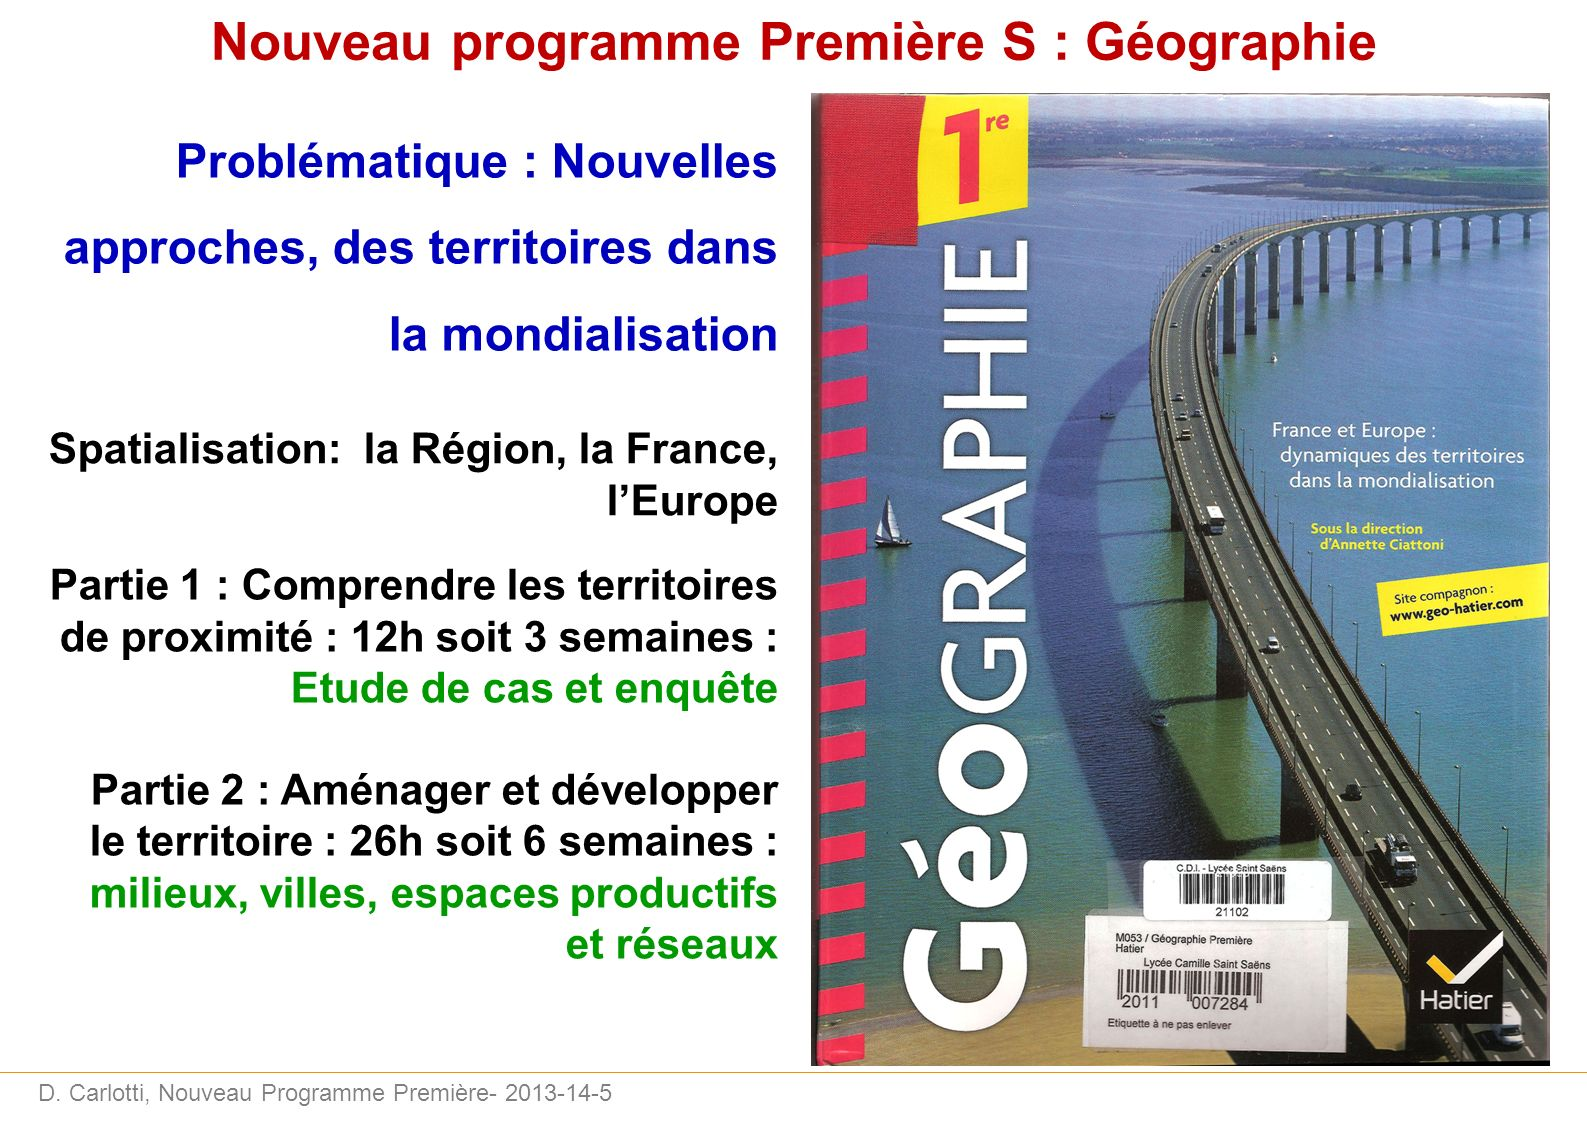 Nouveau programme Première S : Géographie